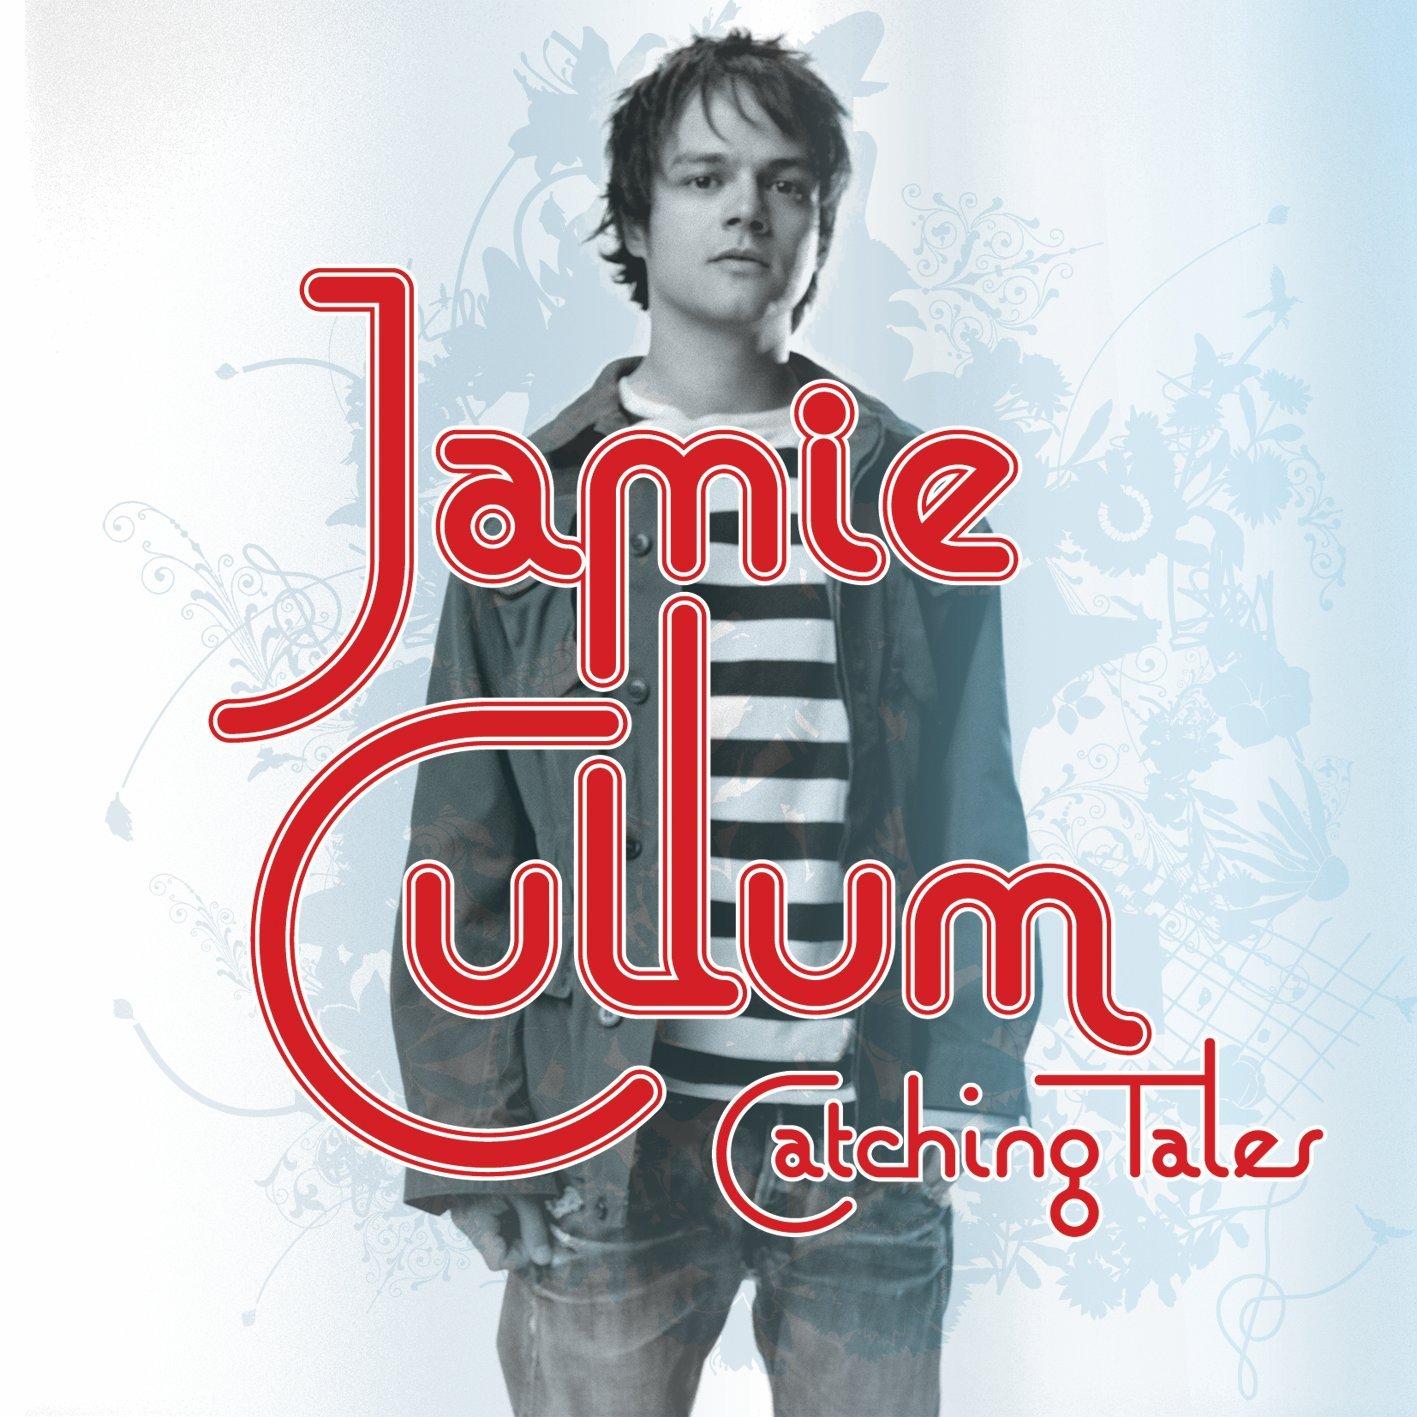 Jamie Cullum, Catching Tales